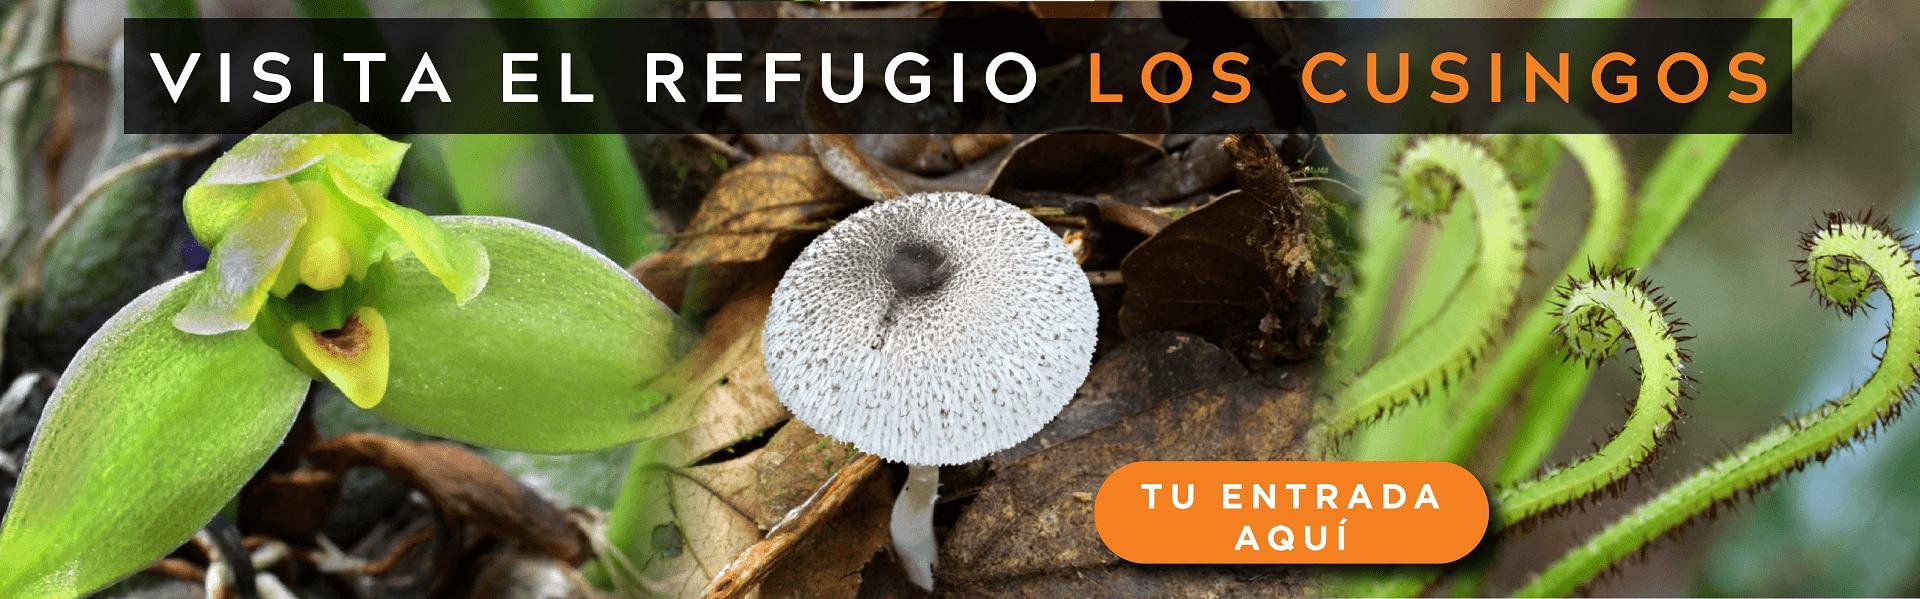 VISITA REFUGIO LOS CUSINGOS-min